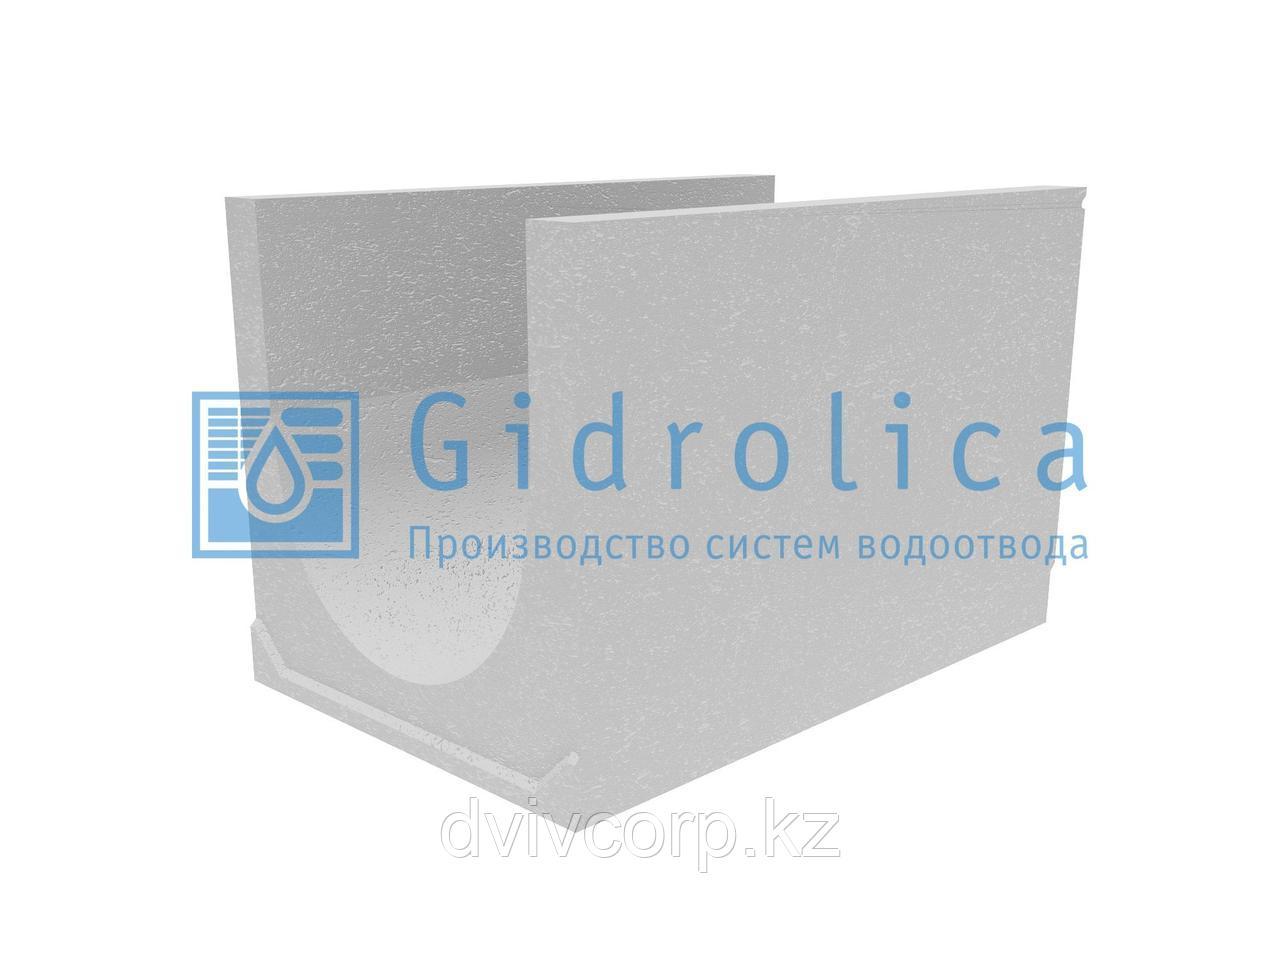 Лоток водоотводный бетонный коробчатый (СО-500мм)КU 100.65(50).65(56) - BGU-XL, № 40-0